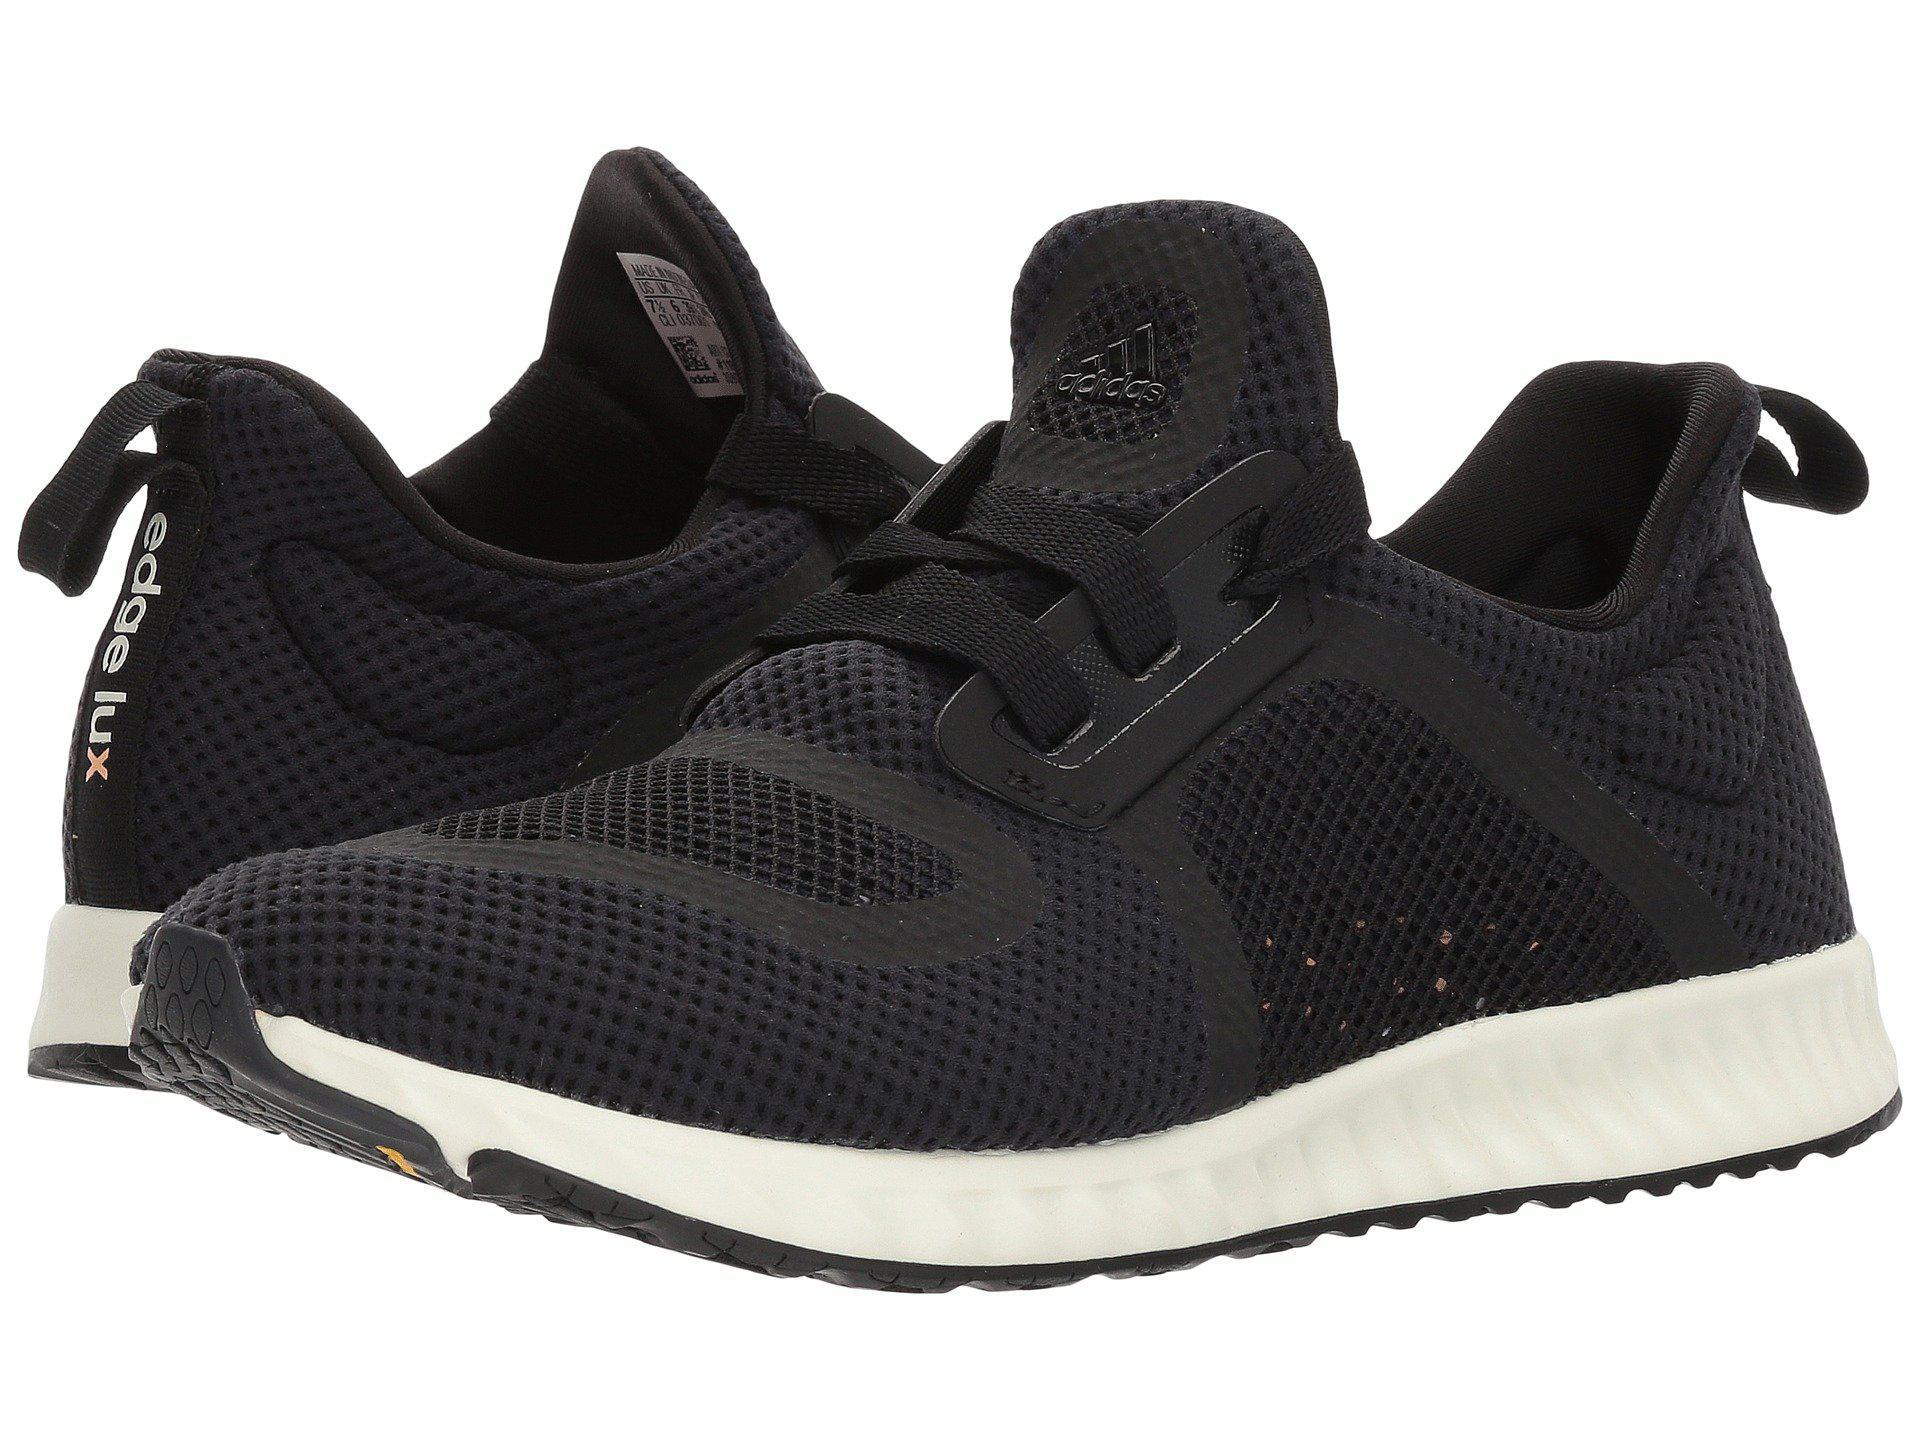 the latest 52db7 e341f Lyst - adidas Originals Edge Lux Clima in Black for Men